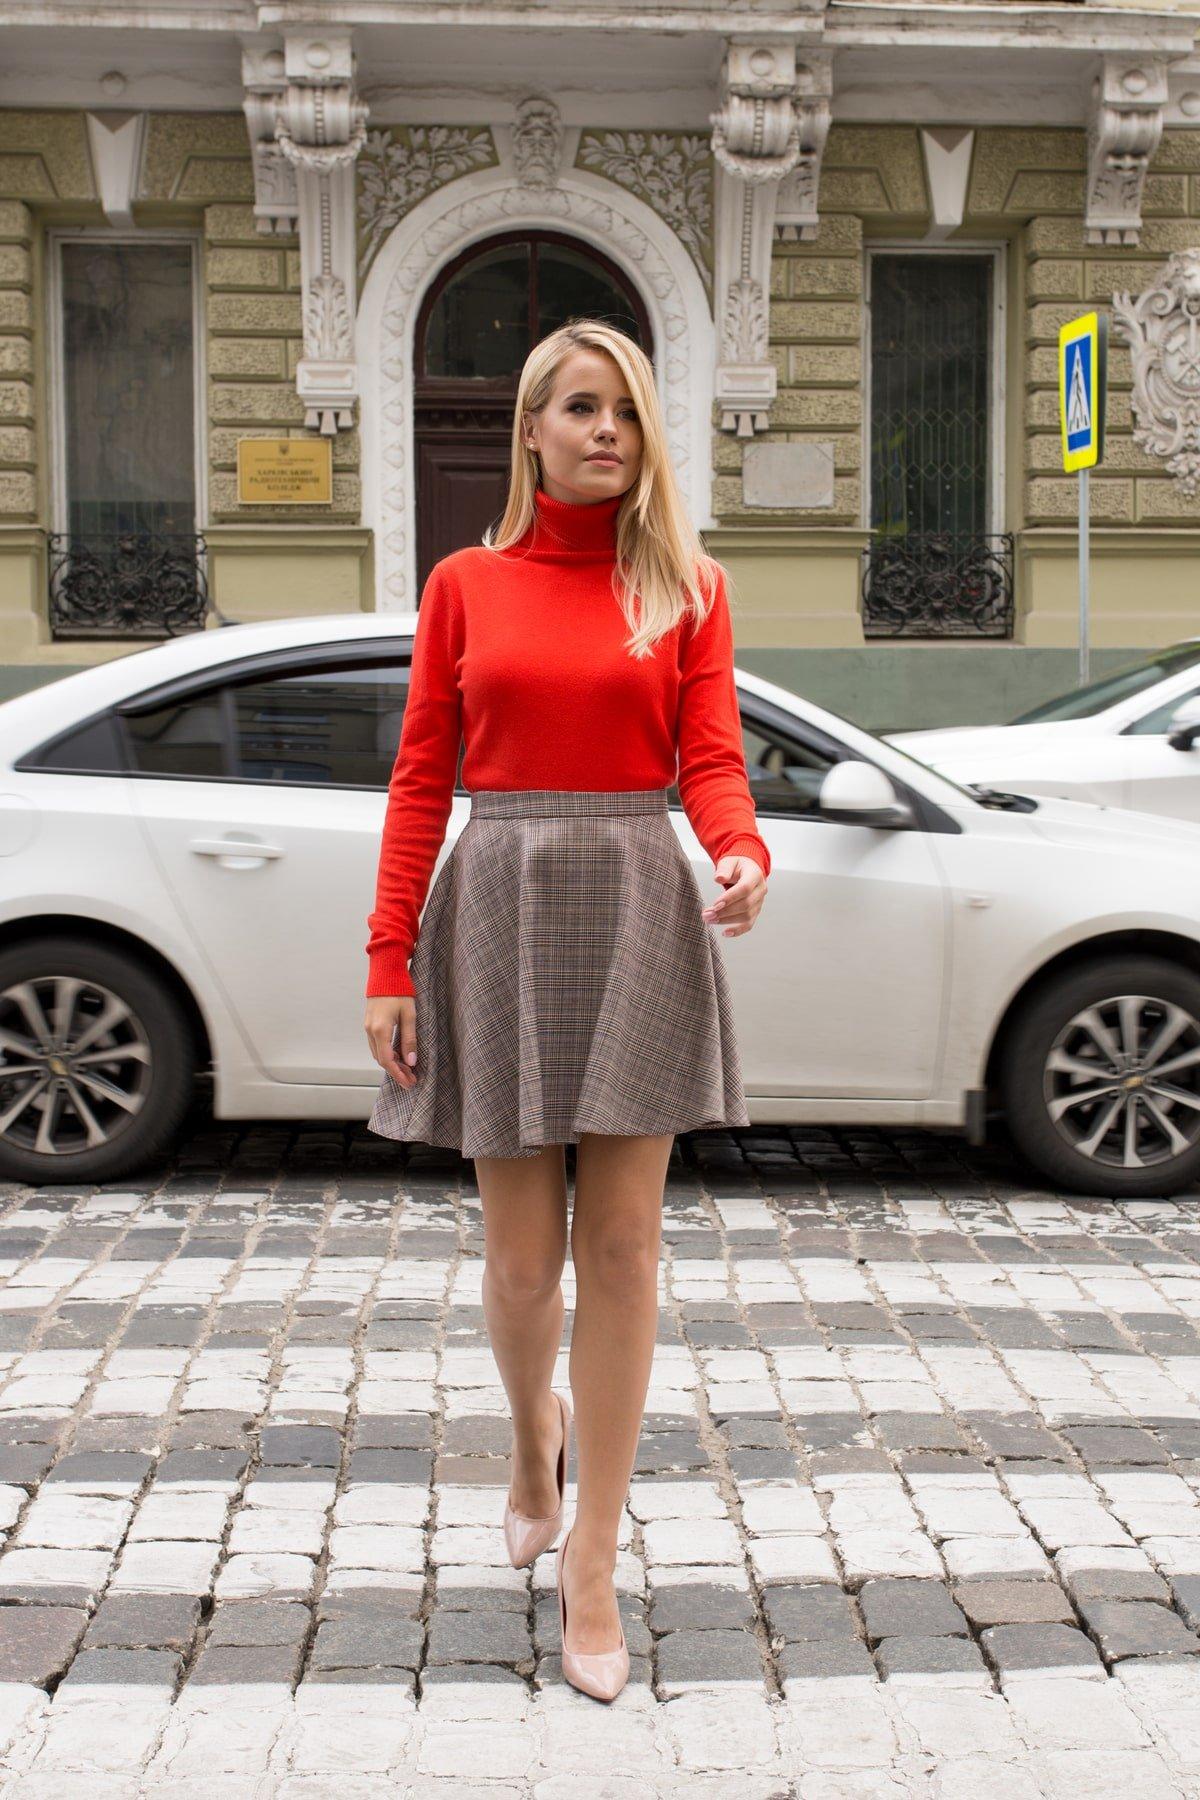 Юбка-солнце Джулиани 6757 АРТ. 41821 Цвет: Бежевый/синий/красный - фото 2, интернет магазин tm-modus.ru